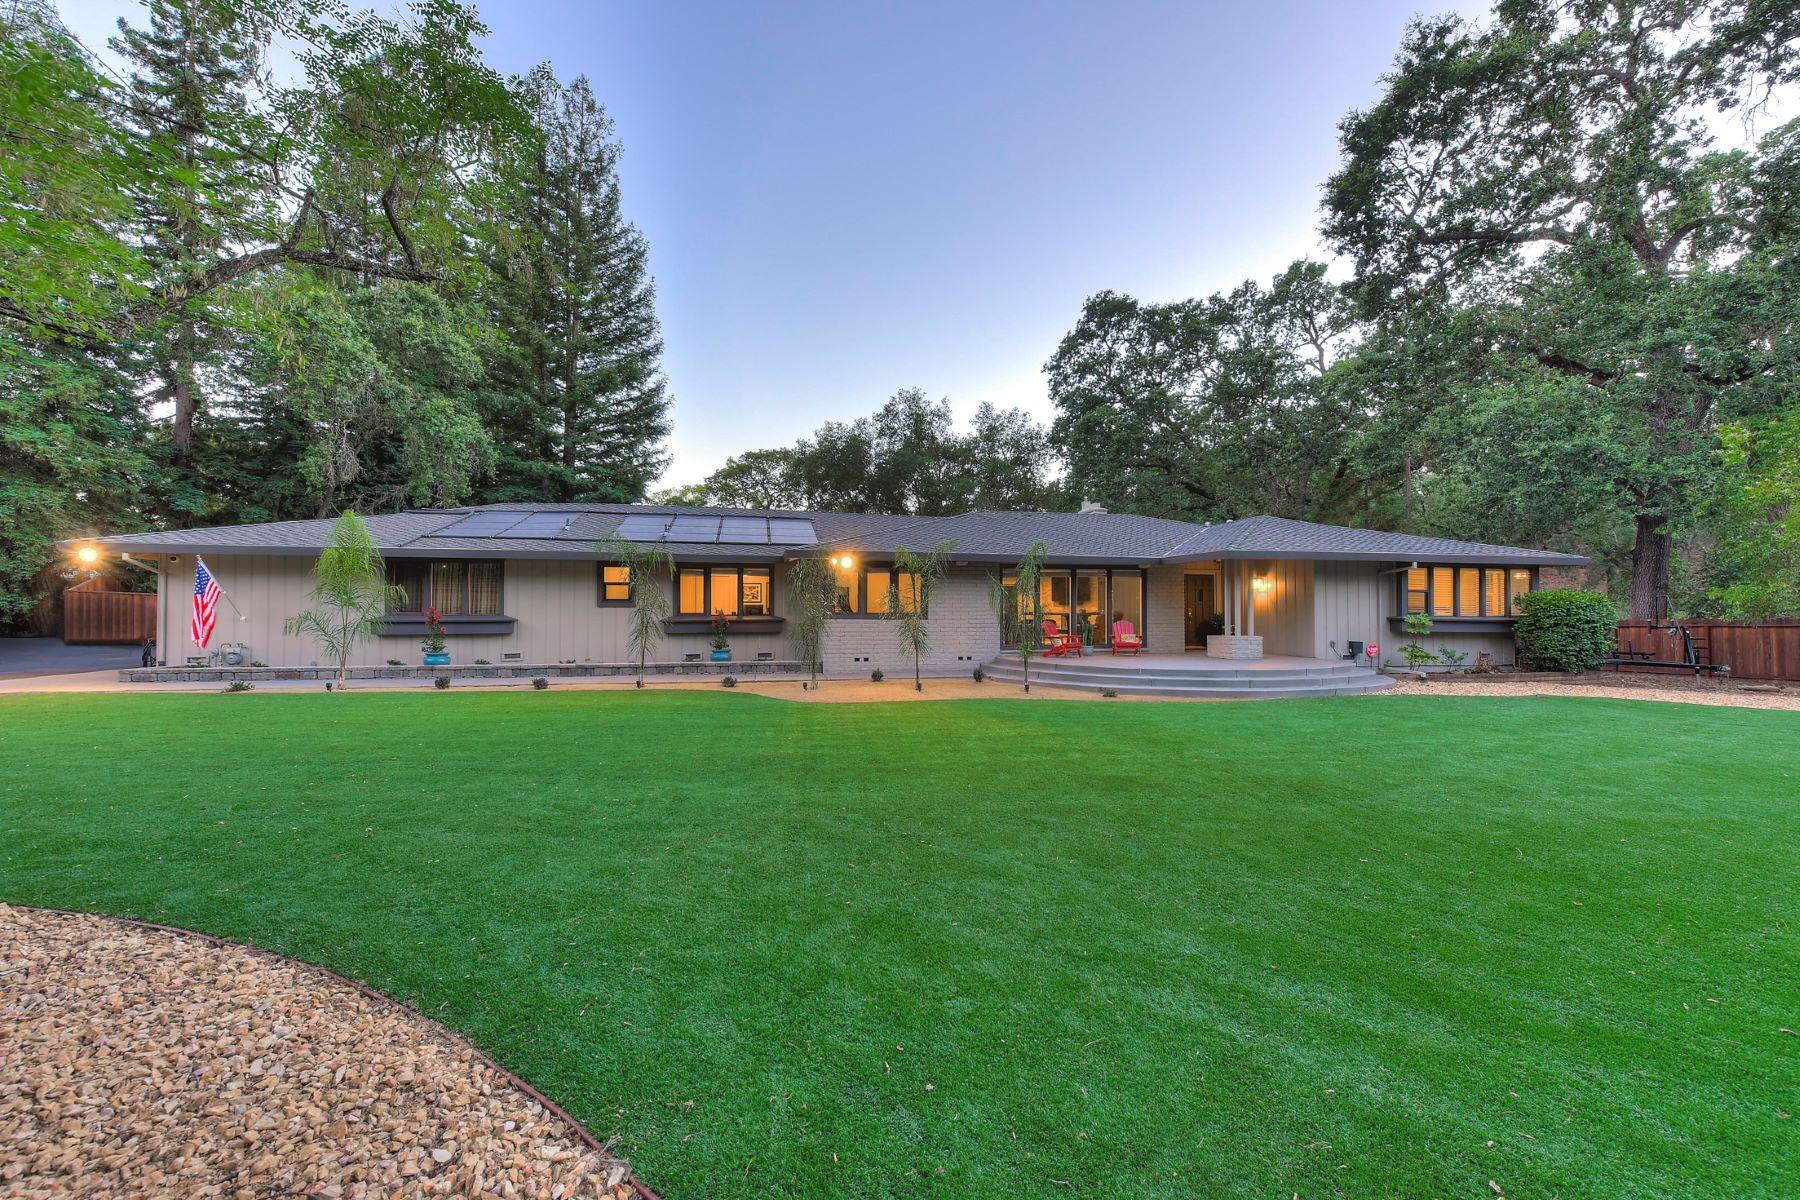 Maison unifamiliale pour l Vente à 2194 Allegheny Rd, El Dorado Hills, CA 95762 El Dorado Hills, Californie 95762 États-Unis